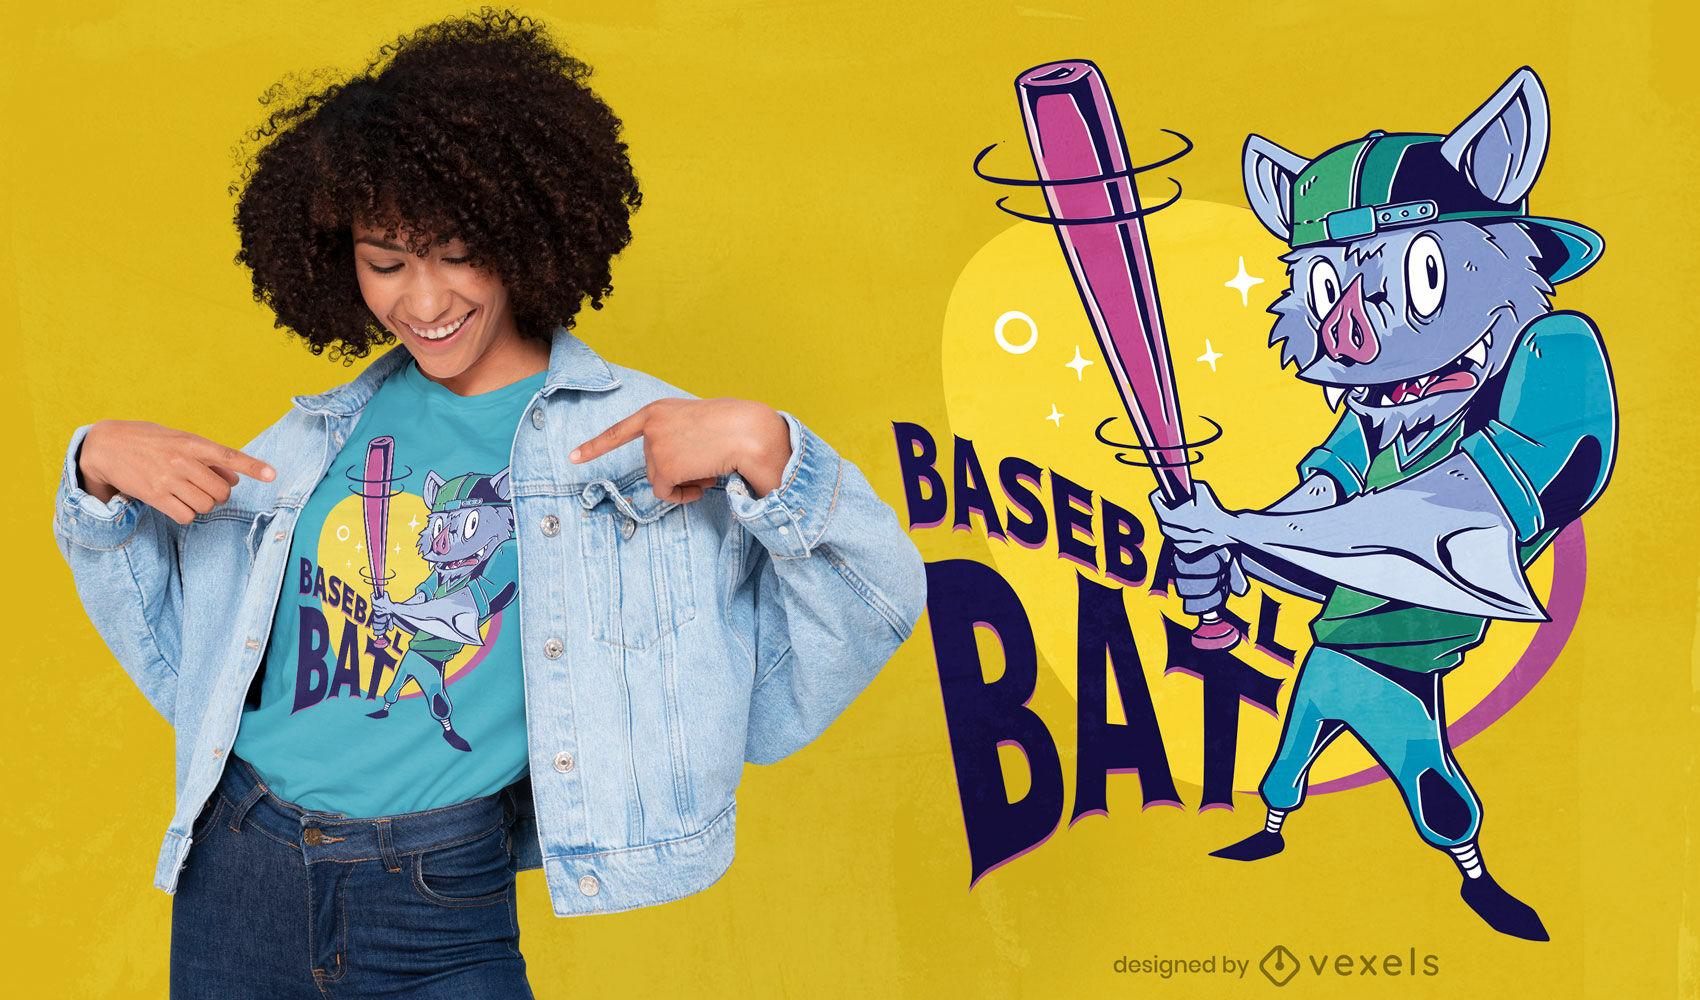 Bat animal playing baseball t-shirt design